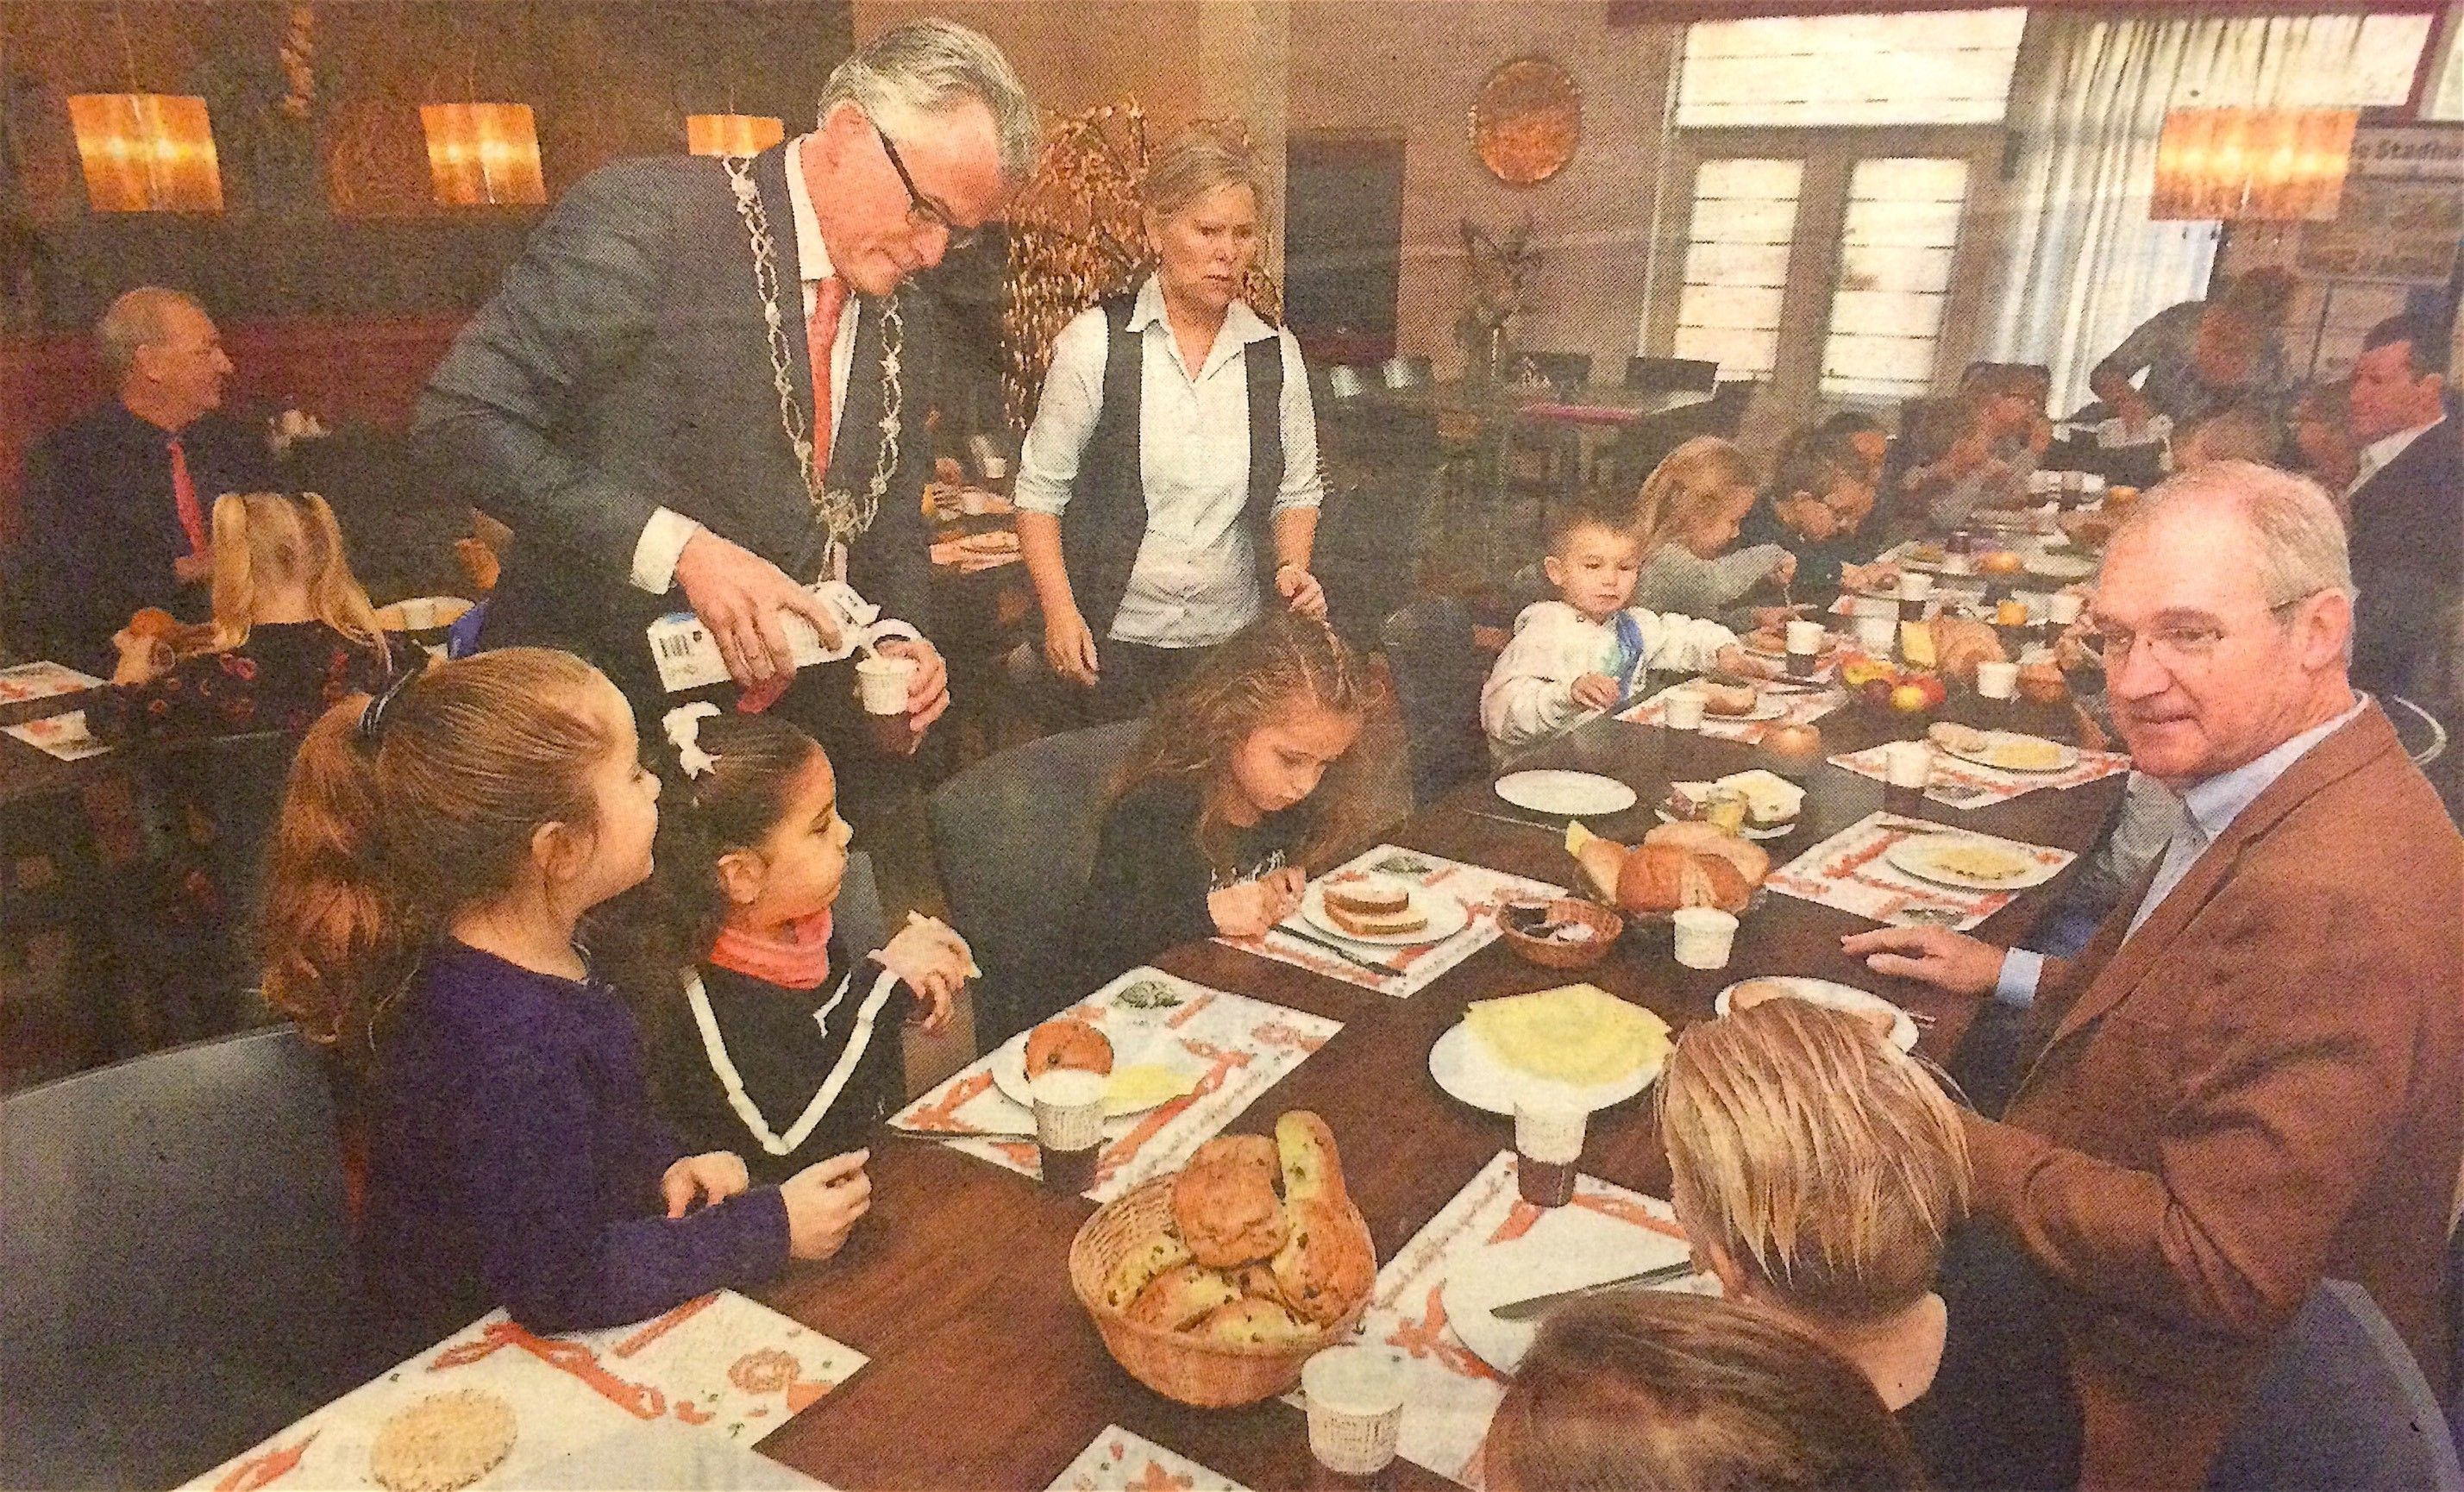 Burgemeester Schuiling schenkt melk in voor kinderen van basisschool Schoter Duijn in het restaurant van gemeente Den Helder tijdens het Nationaal Schoolontbijt (foto Helders Weekblad)